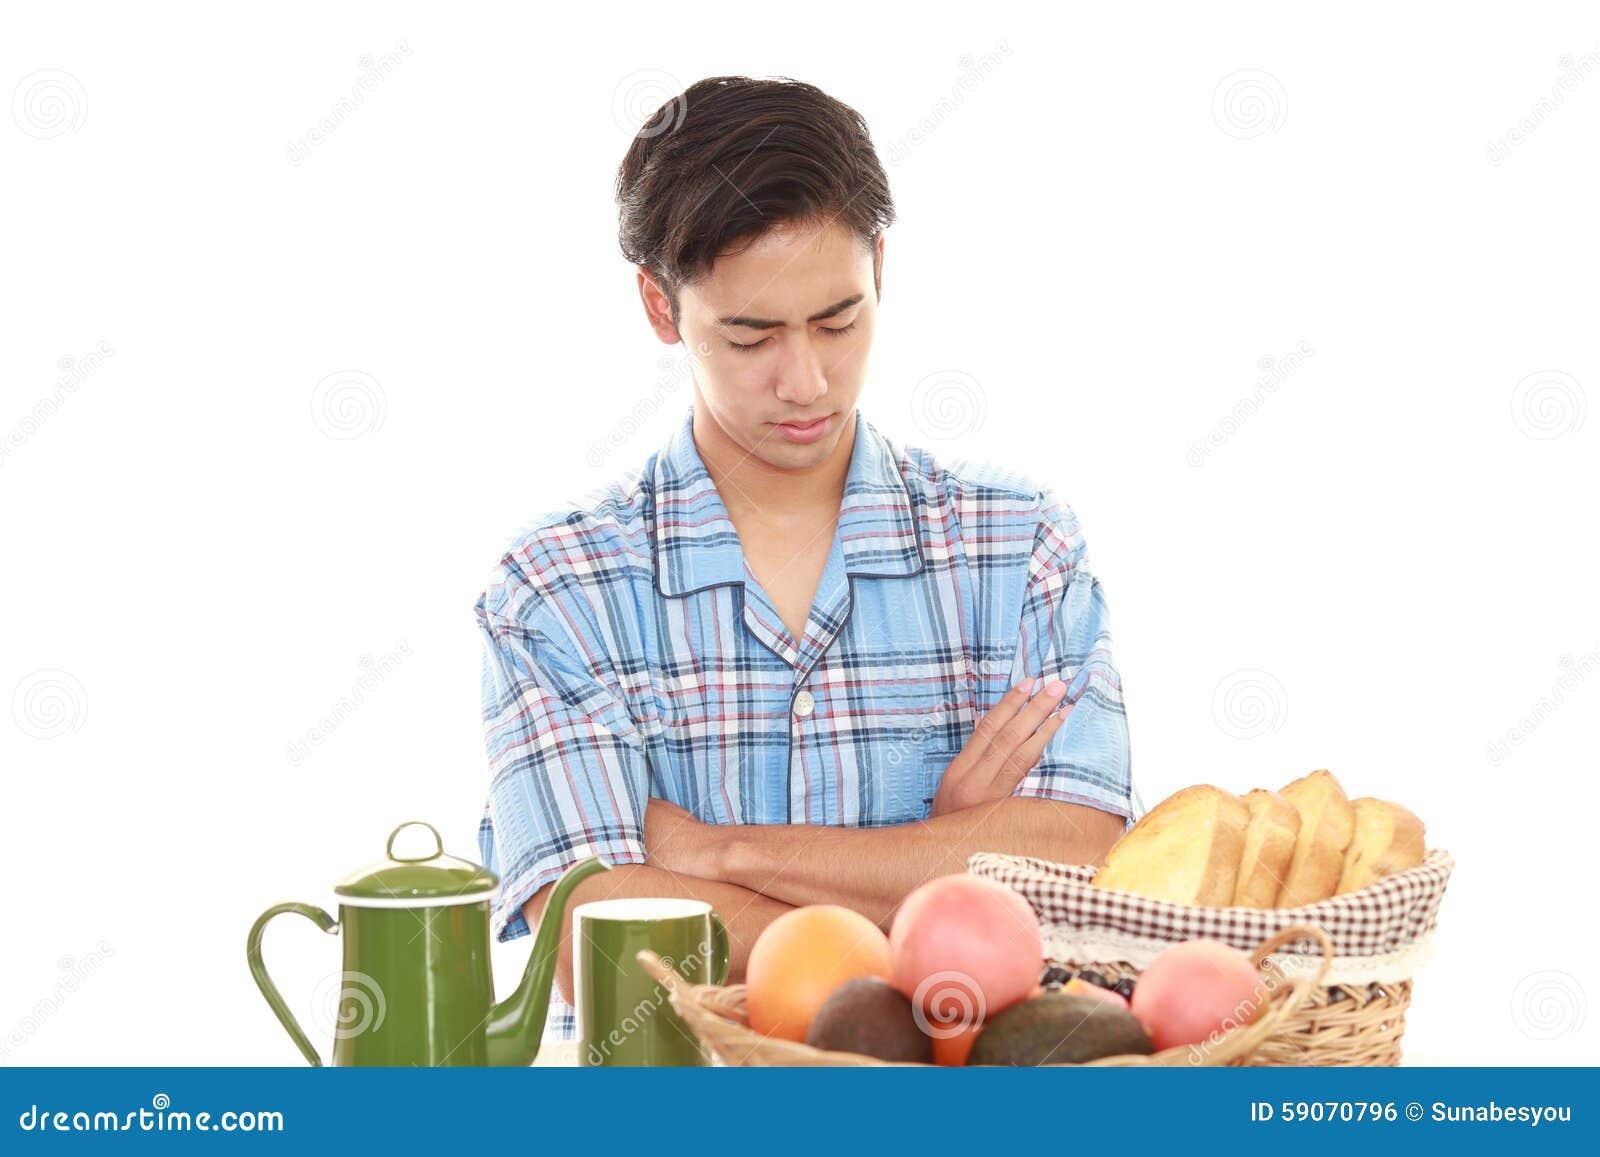 geen eetlust zwangerschap